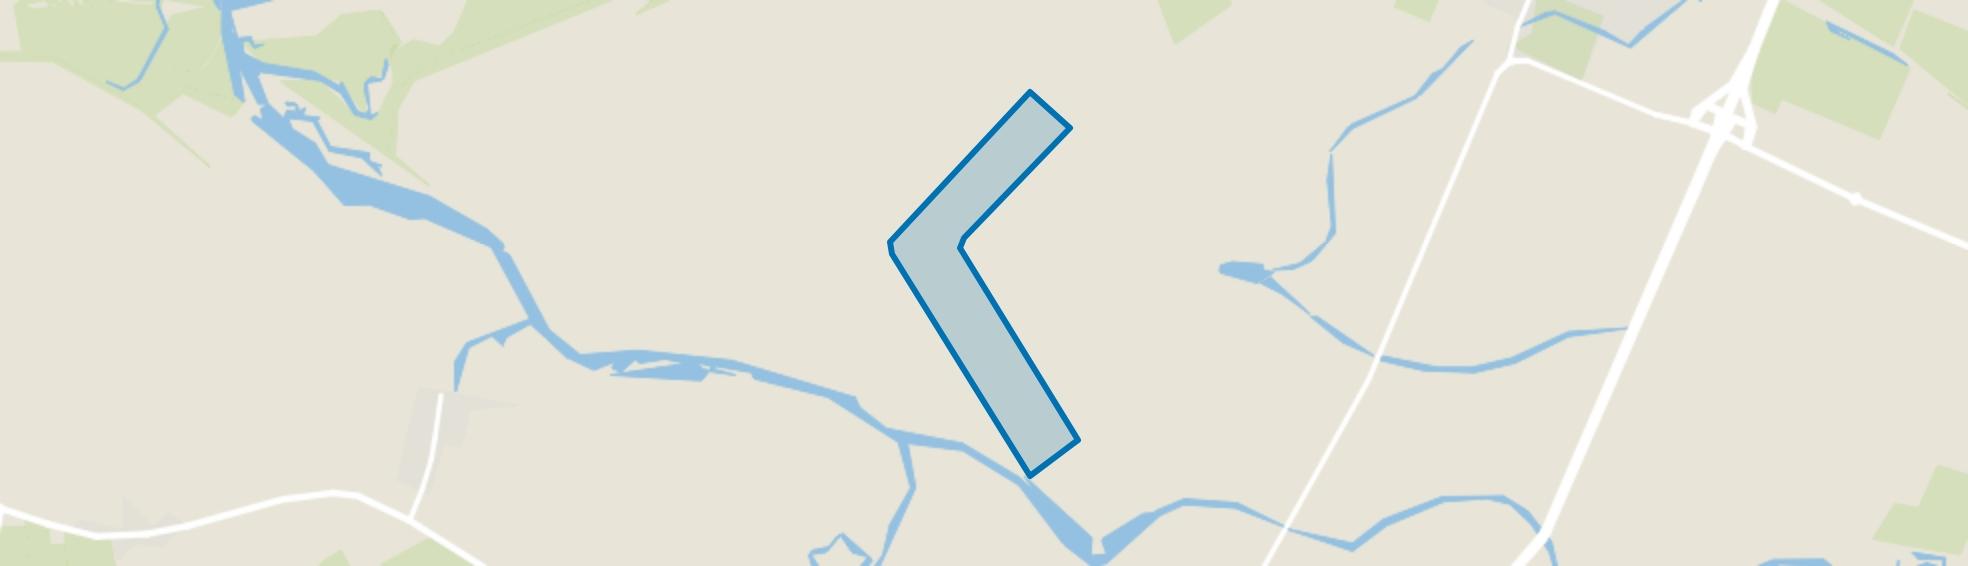 Boompjesdijk, Dinteloord map